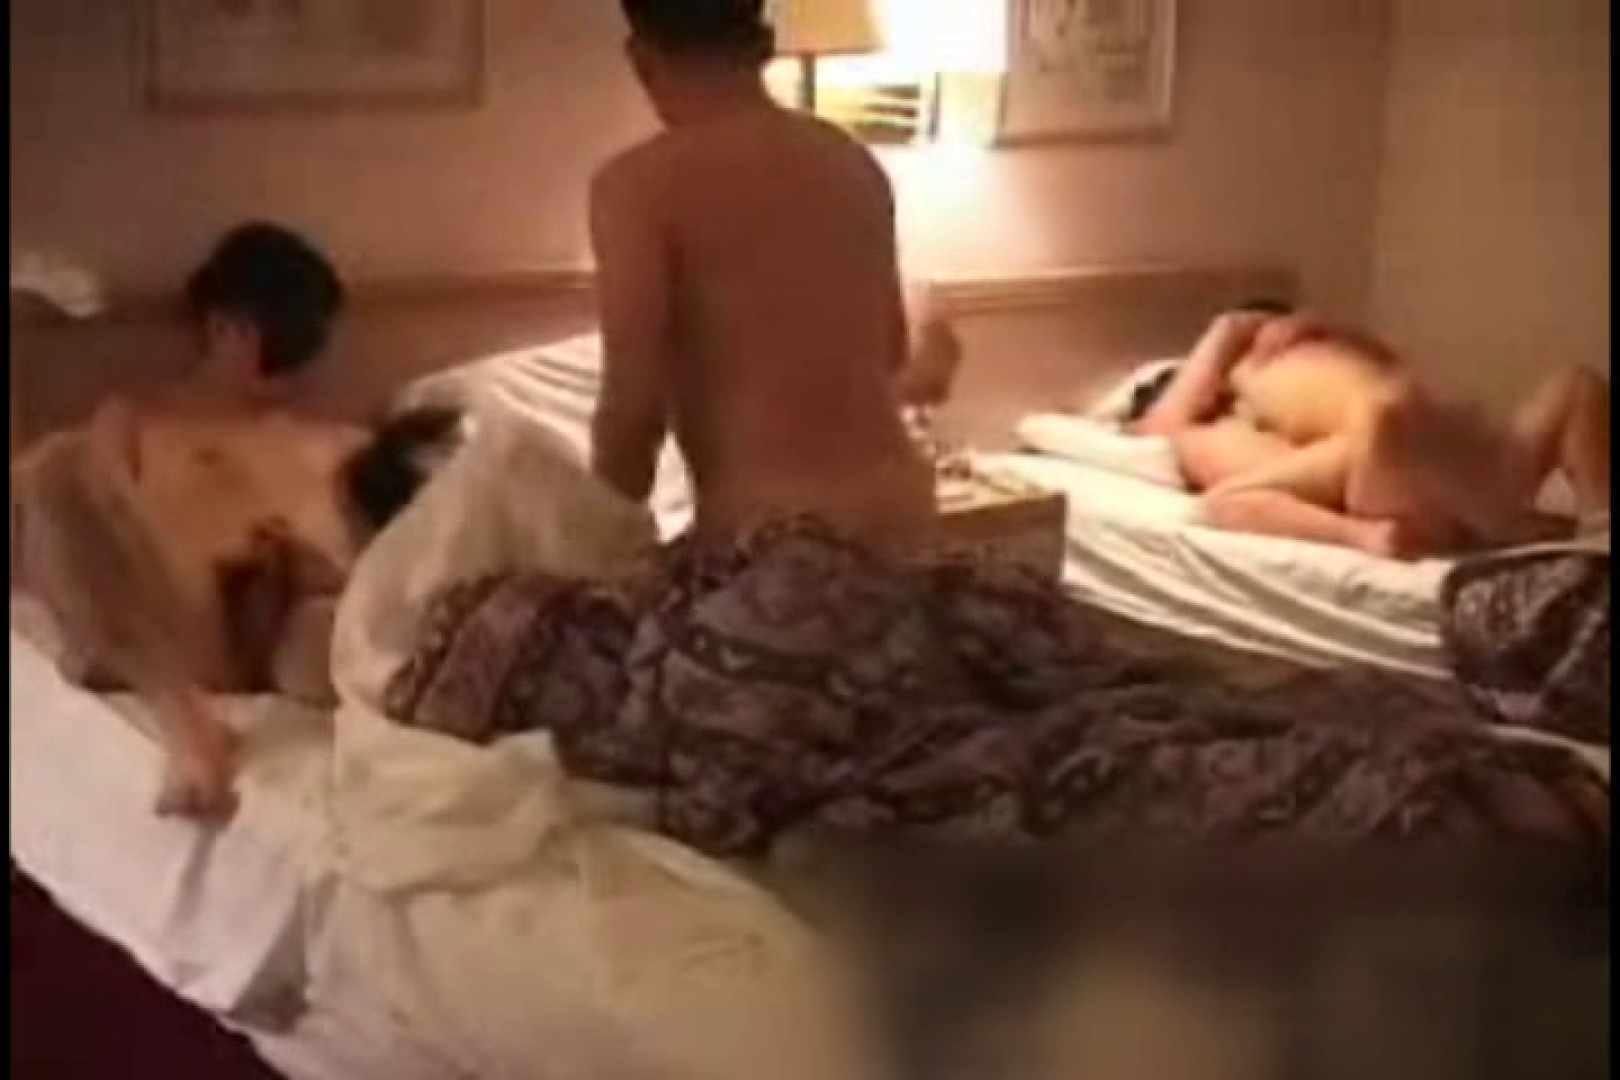 コリアン素人流出シリーズ プライベート乱交パーティー映像流出 プライベート  75連発 12